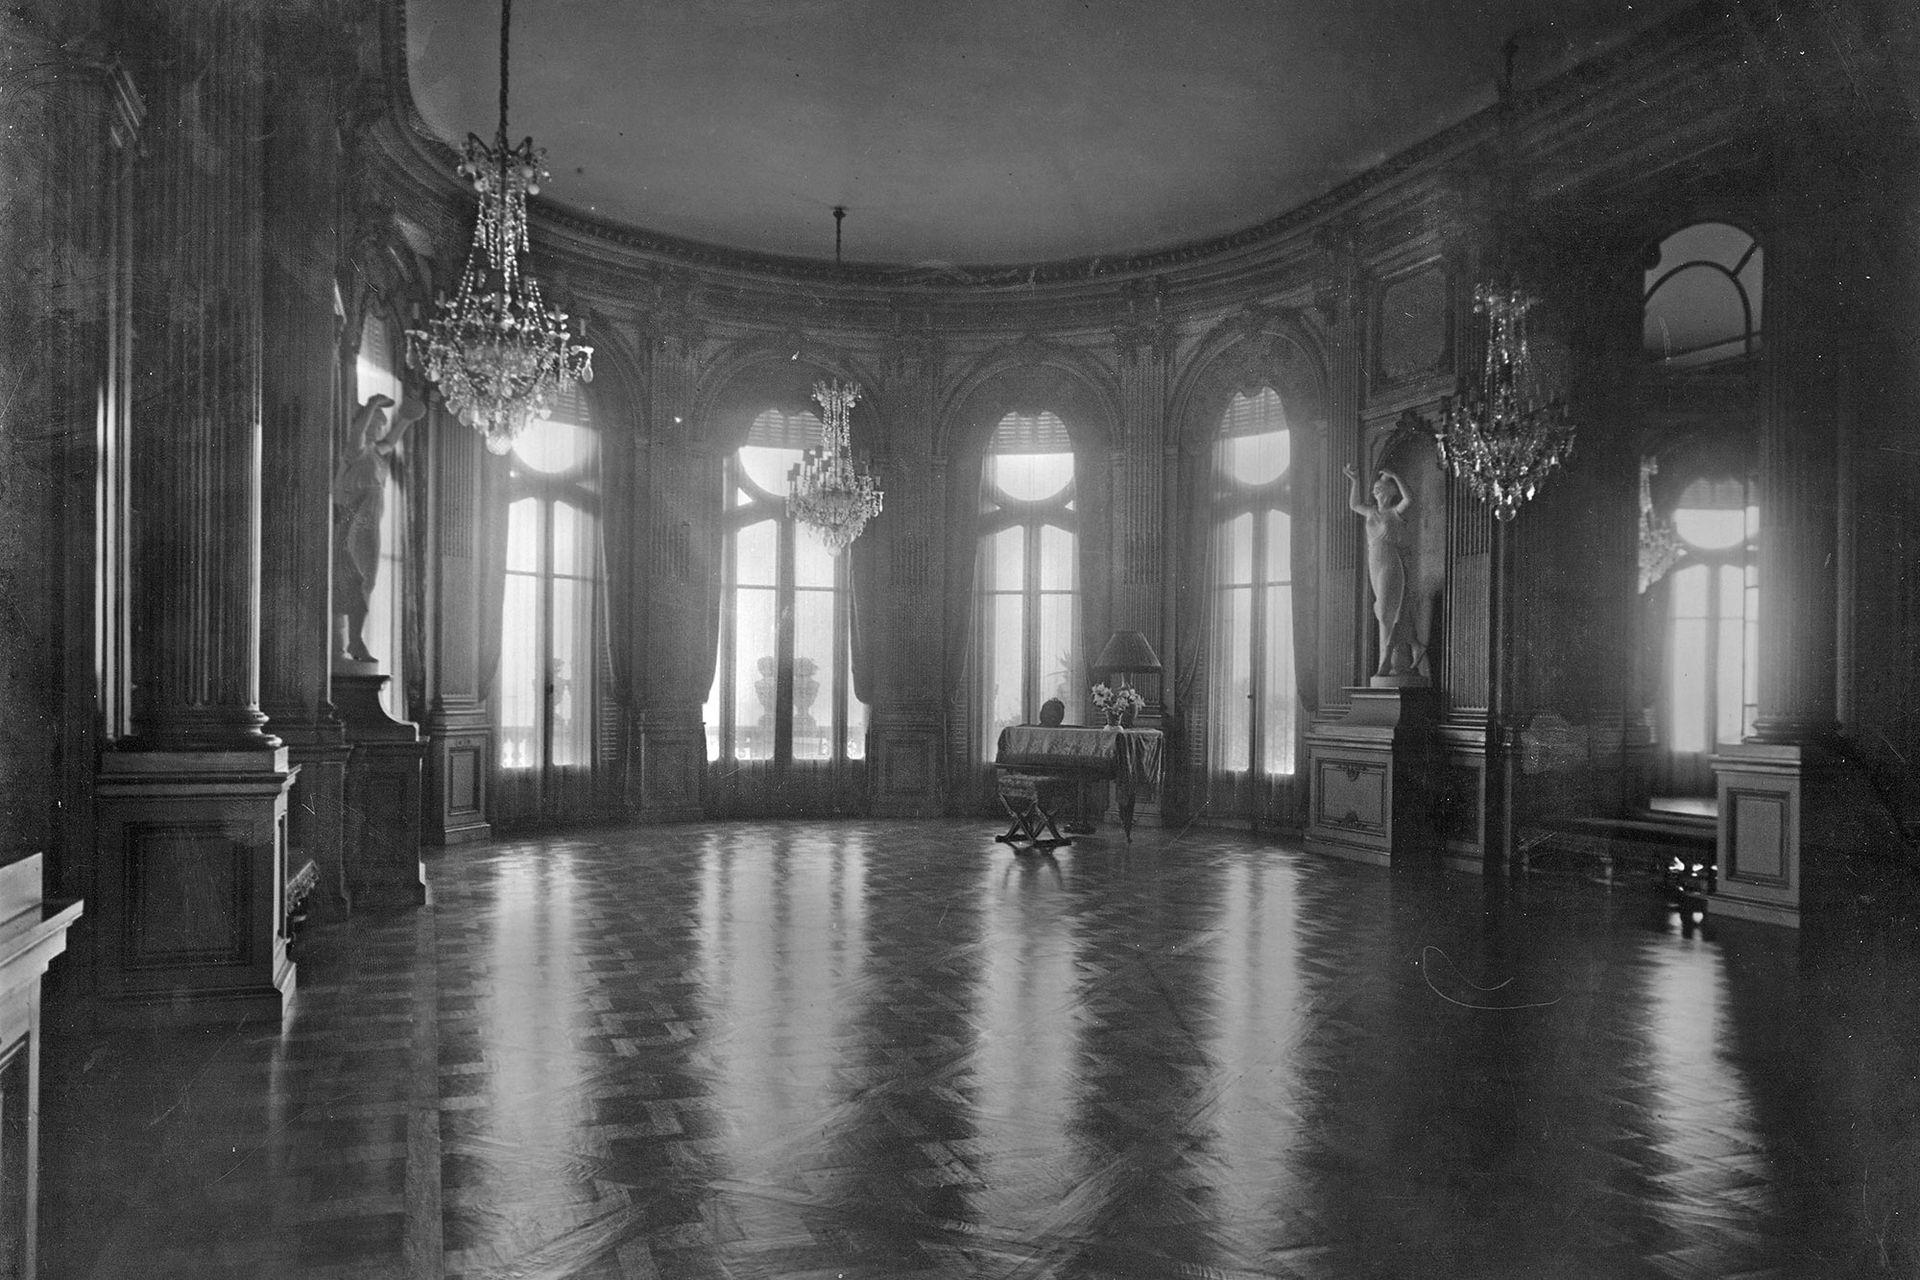 El salón de baile. 1926.